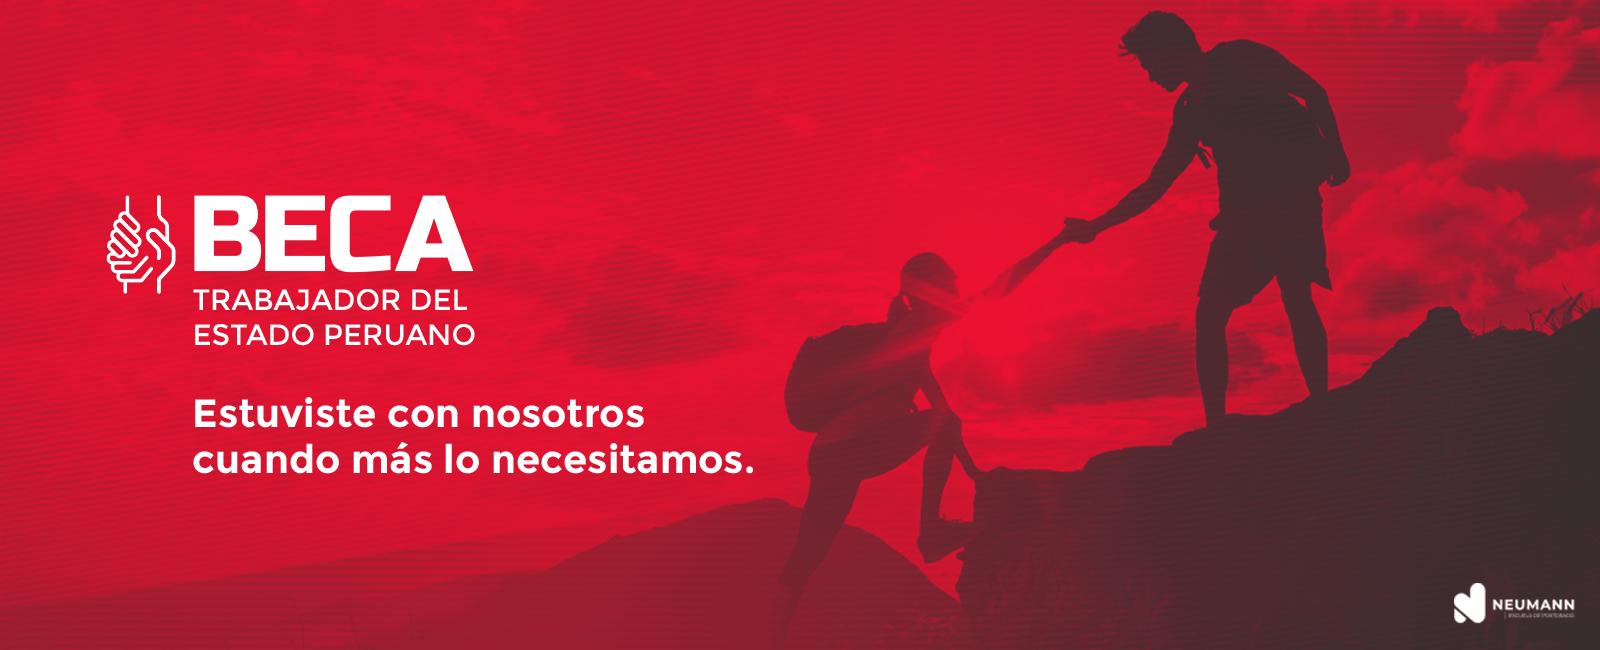 Beca Trabajador del Estado Peruano